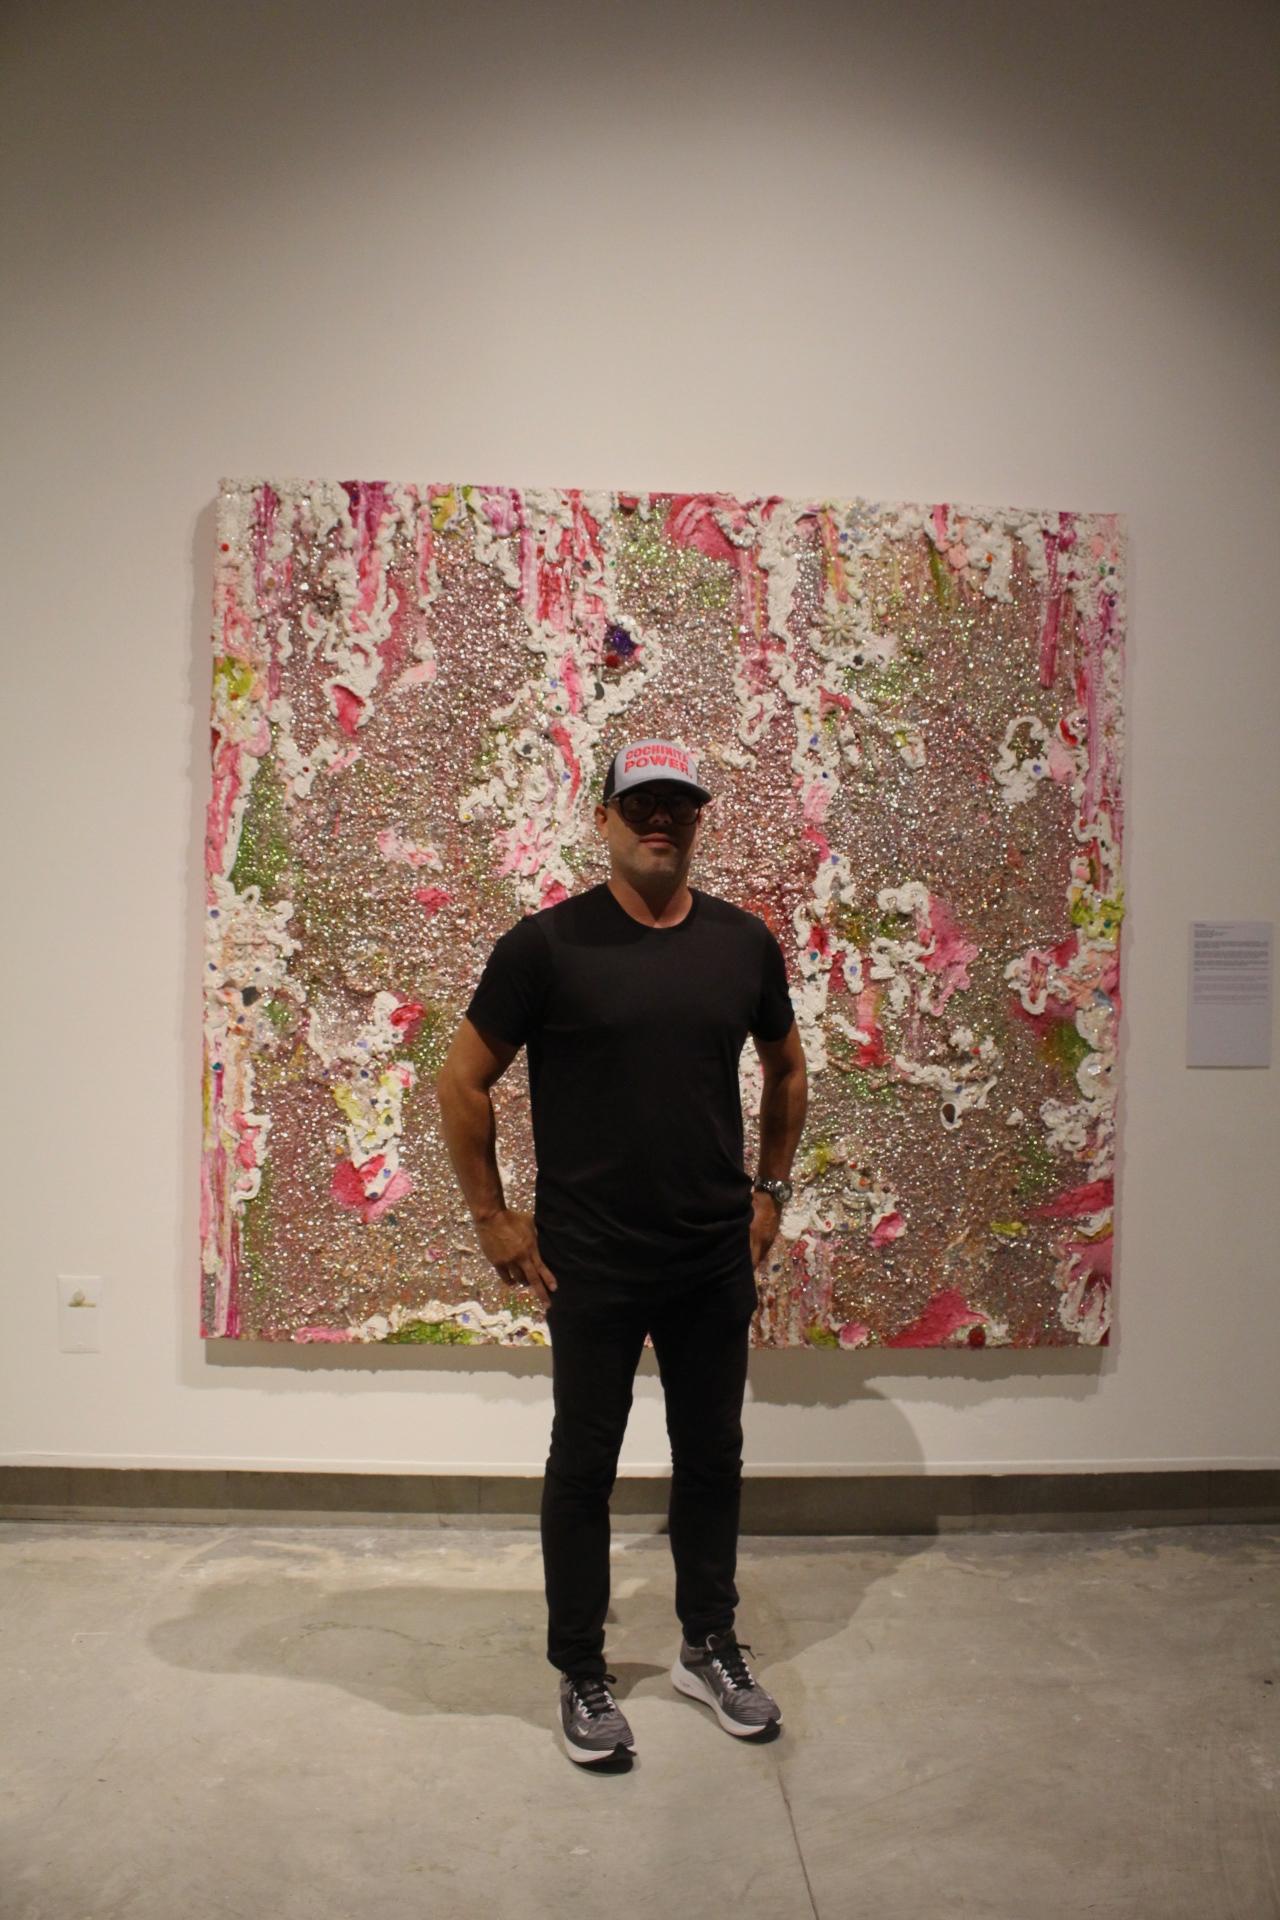 Serie: Post Wonderland, 2006. Melvin Martínez. Cuentas, escarchas, espajos, silicón sobre lienzo. Colección Figueroa Villamil.